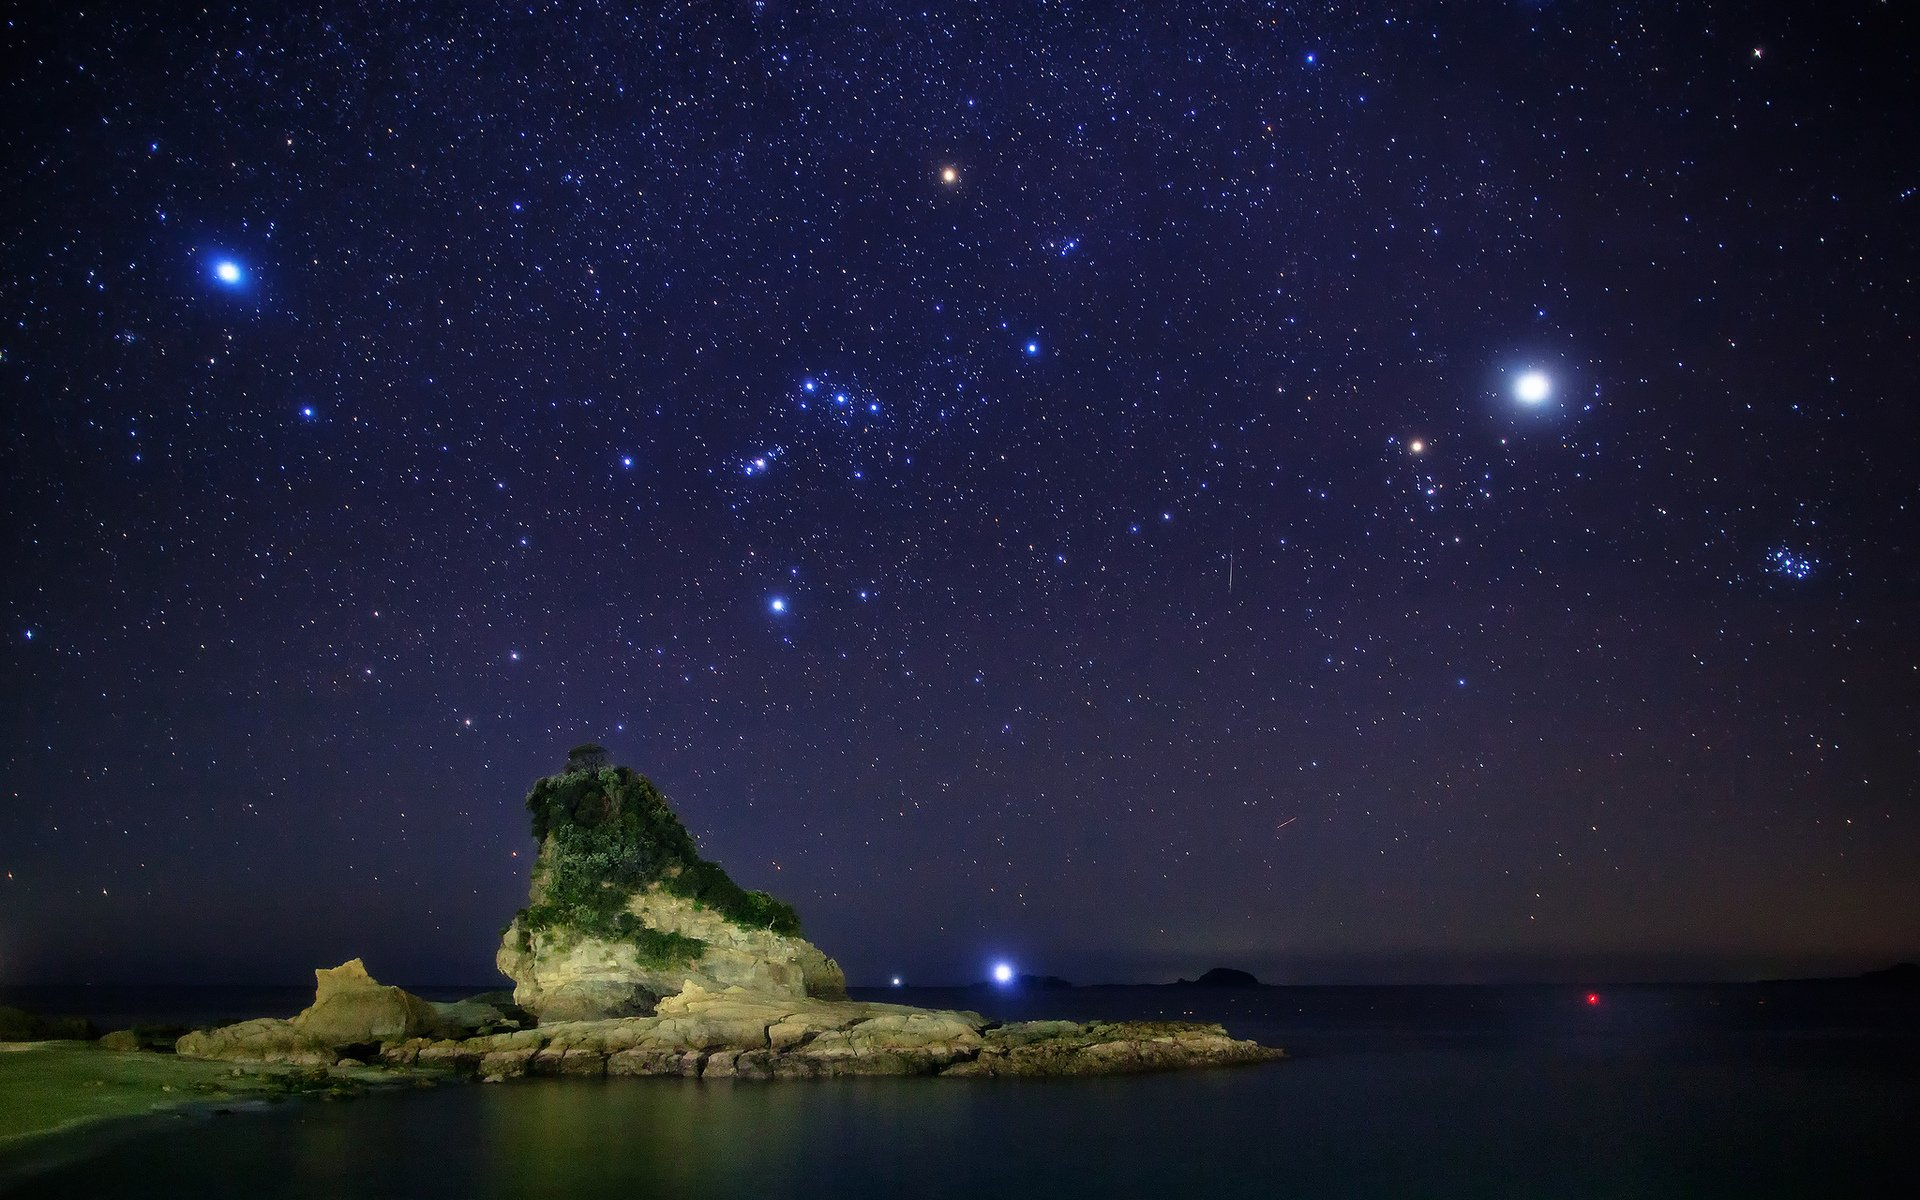 Kết quả hình ảnh cho Orion constellations wallpaper